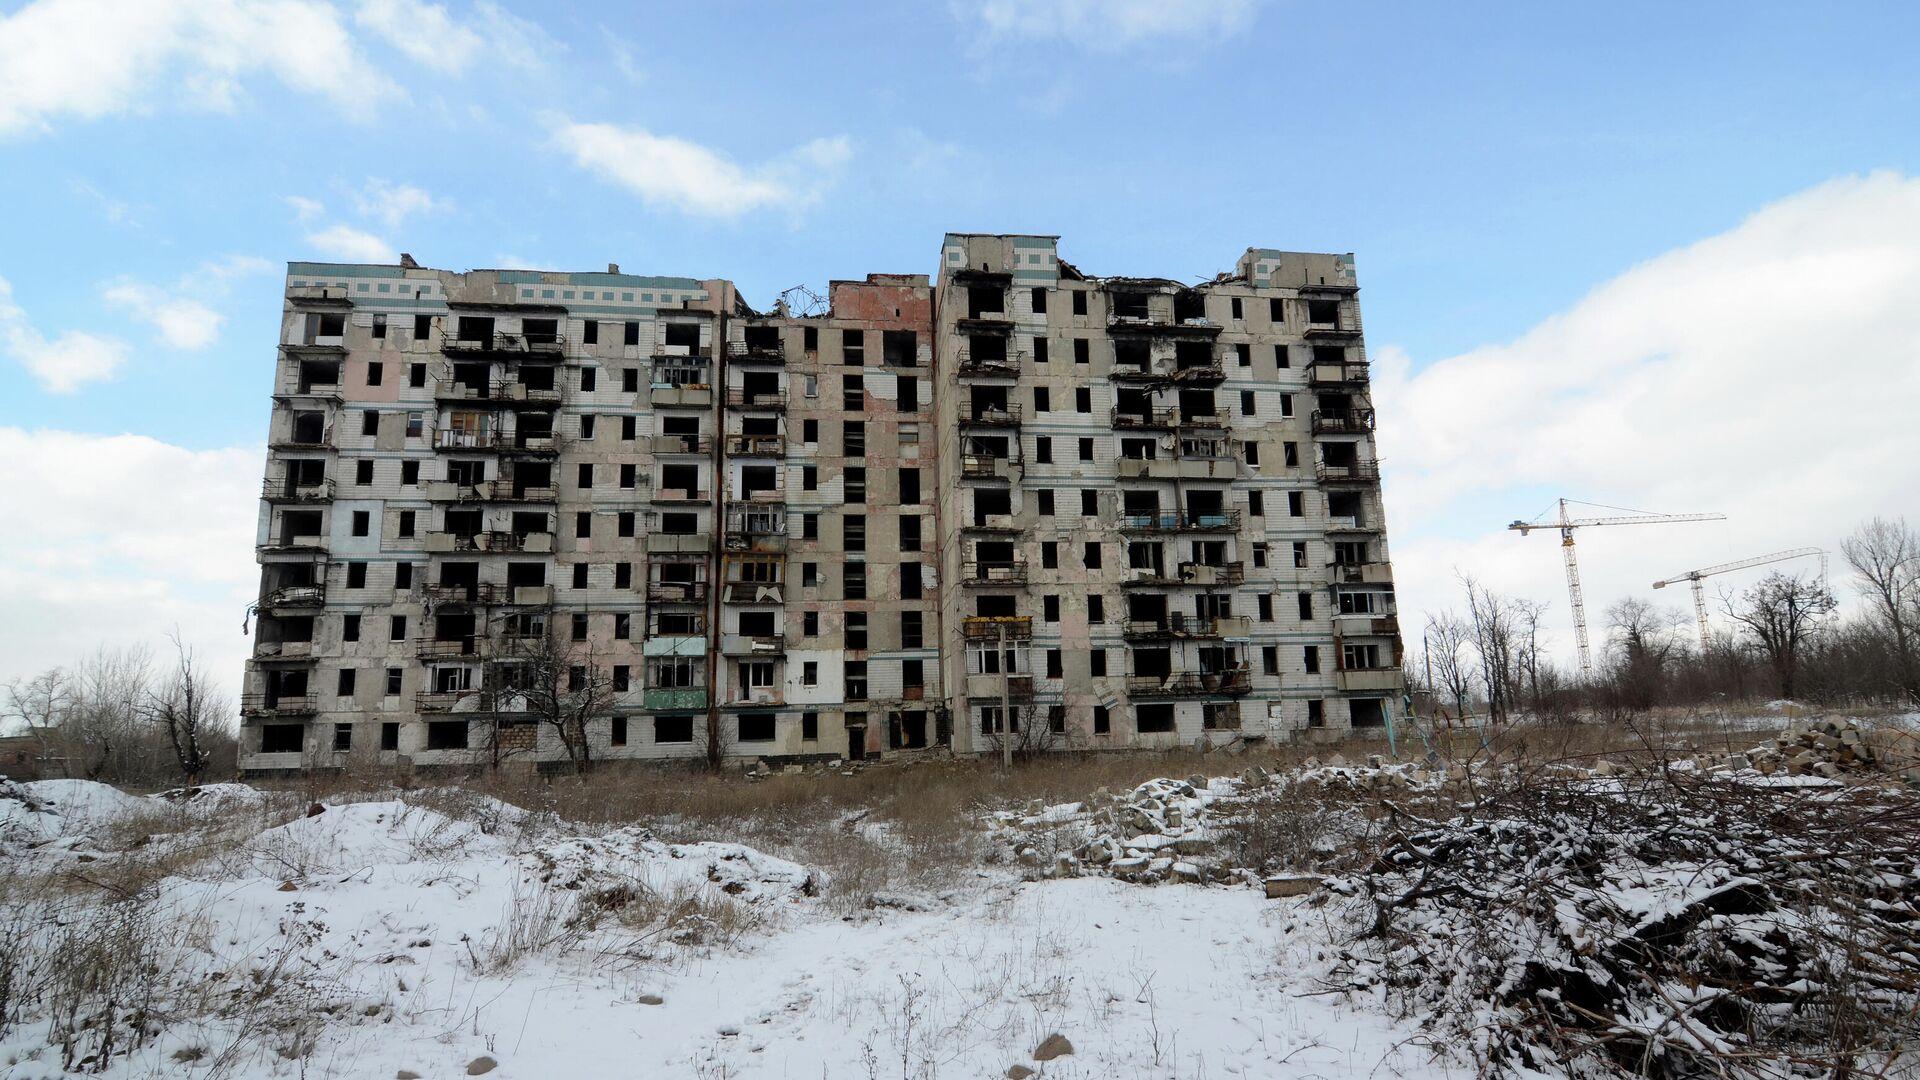 Дом на улице Взлетной в Донецке, разрушенный в ходе боевых действий в 2014-2015 годы - РИА Новости, 1920, 04.04.2021